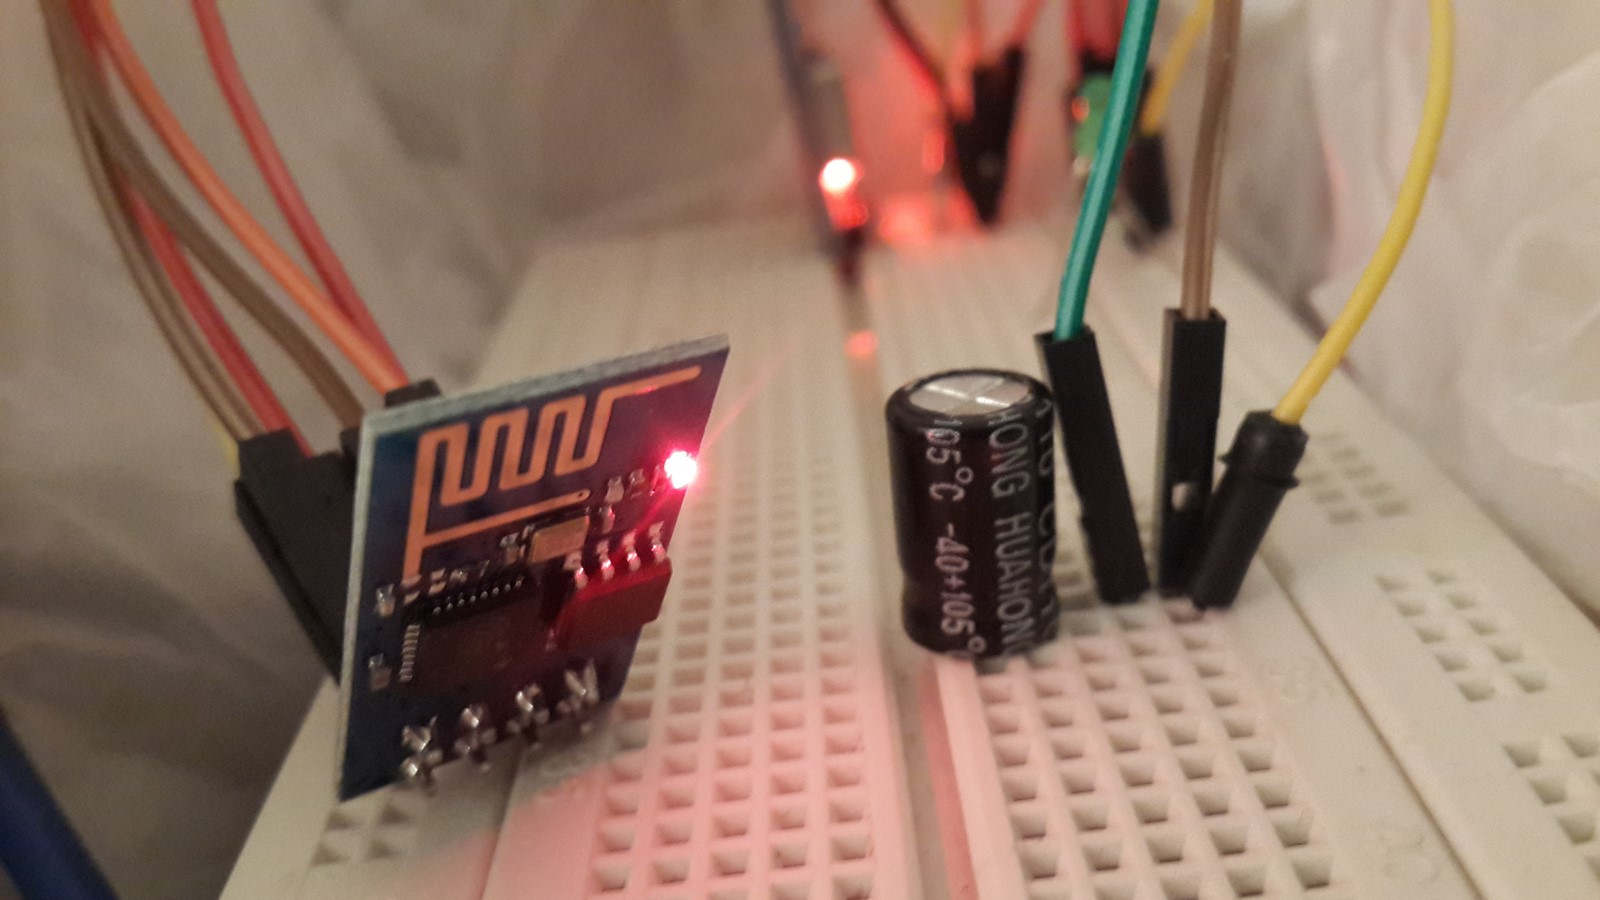 ESP8266 - Flash NodeMCU, write lua script, and control a